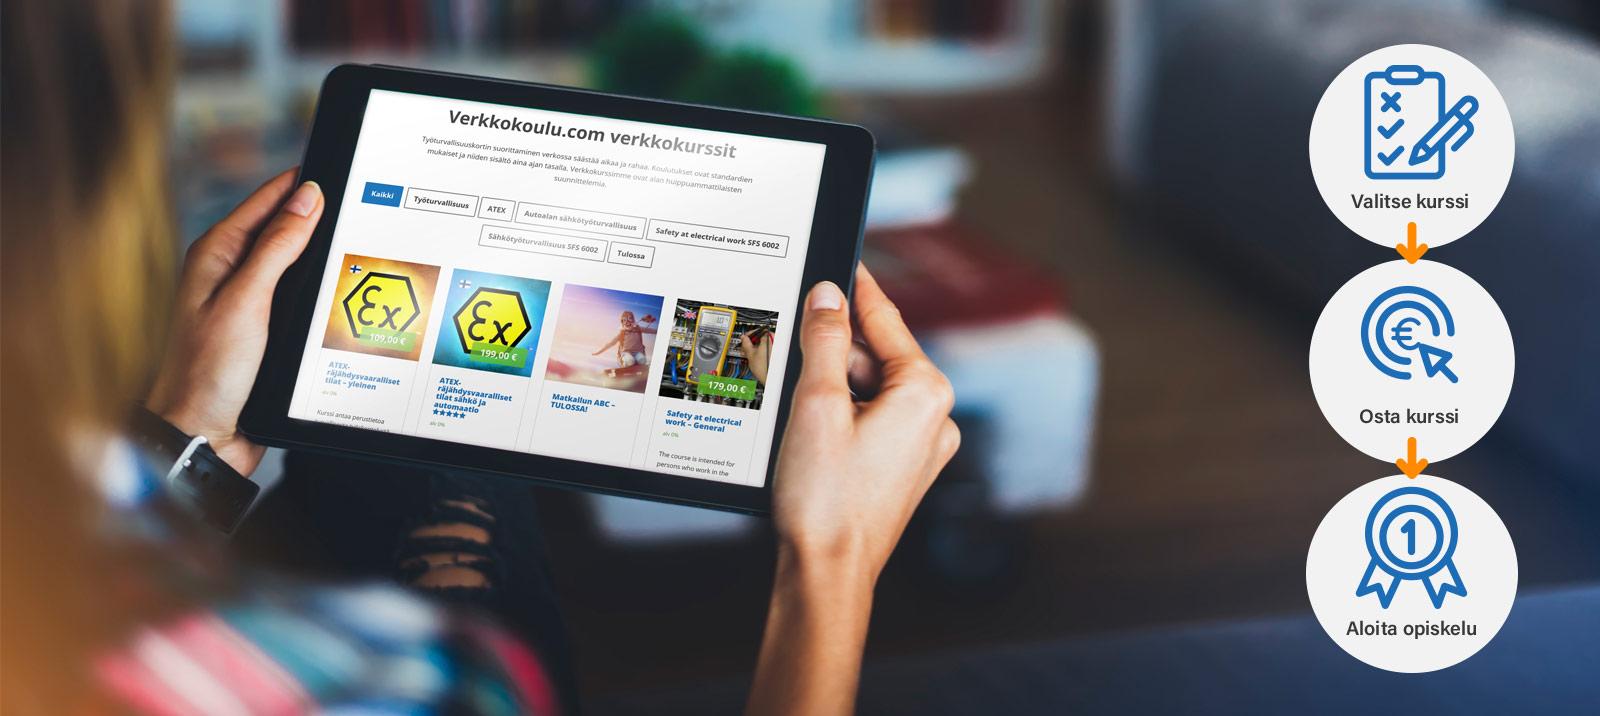 verkkokoulu opiskele kursseja netissä